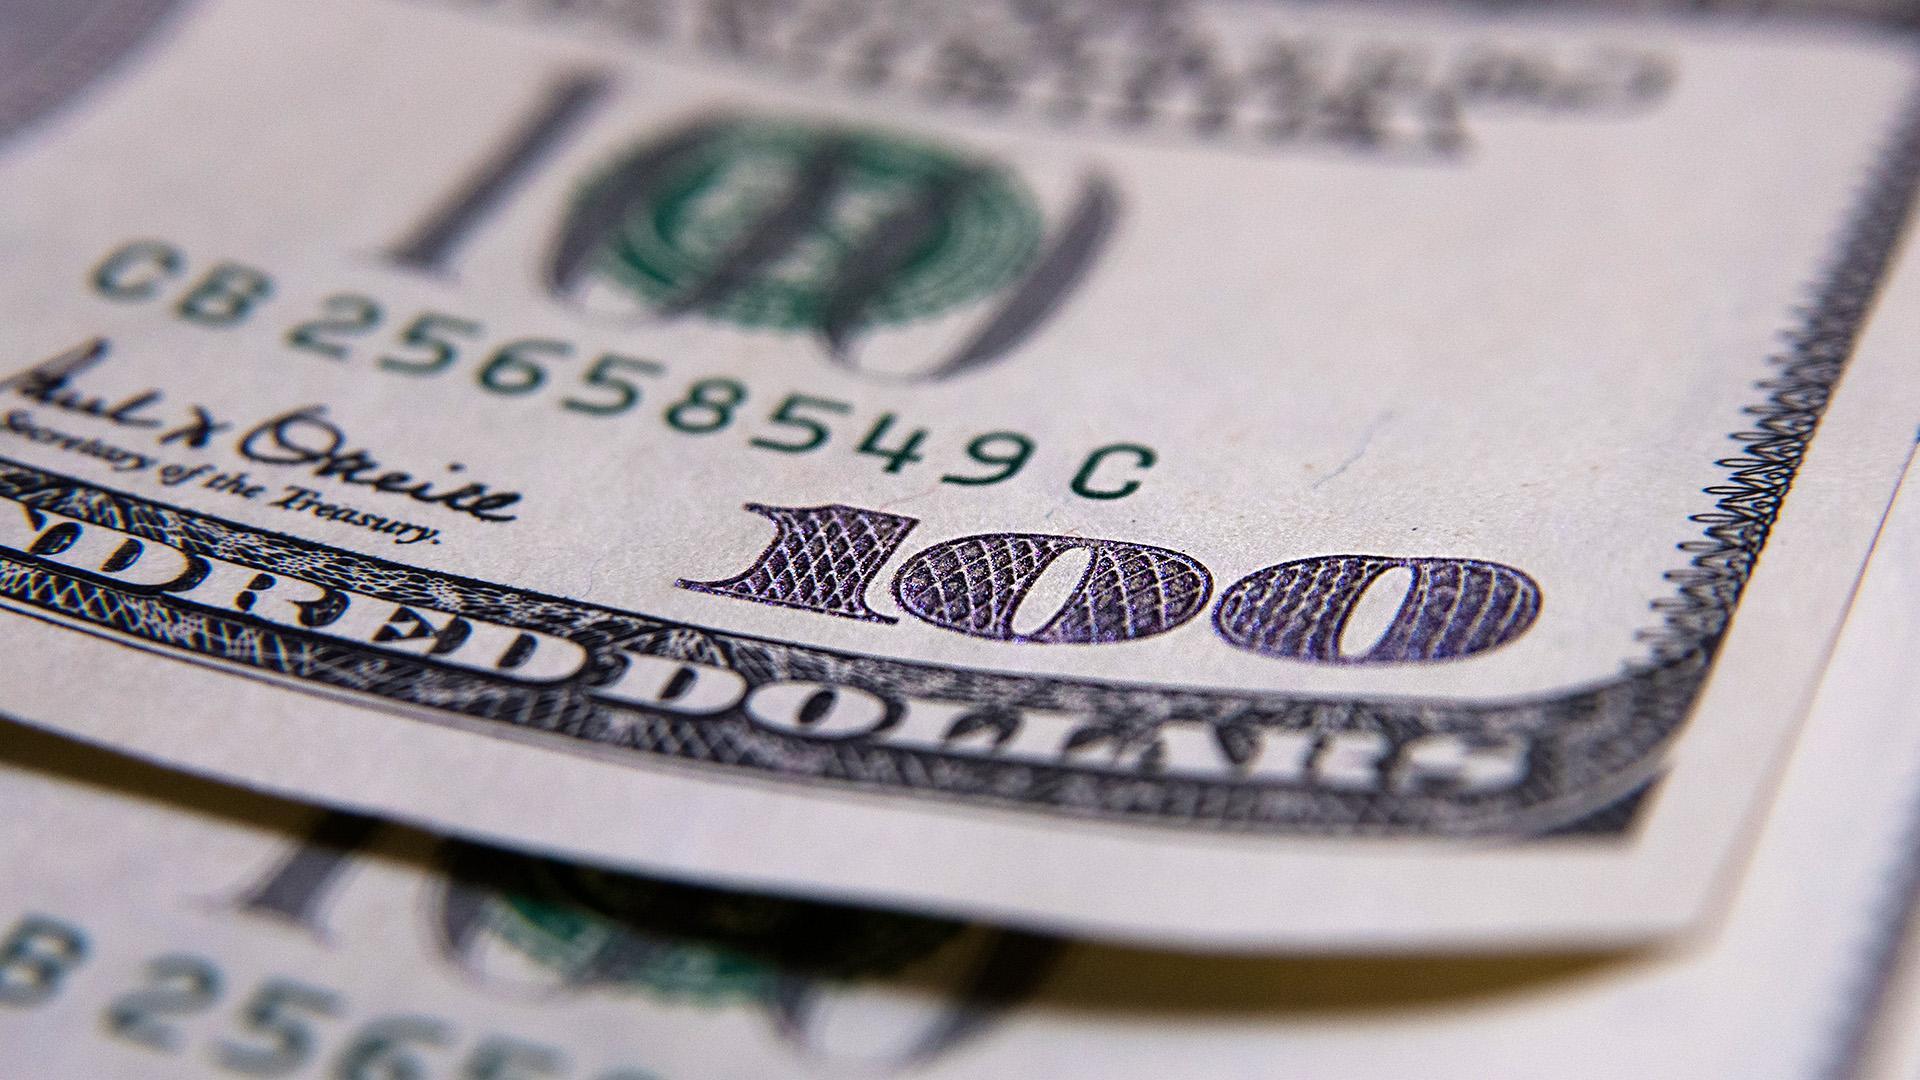 En bancos y casas de cambio, el dólar se vendió a $42,29, tres centavos más que el viernes